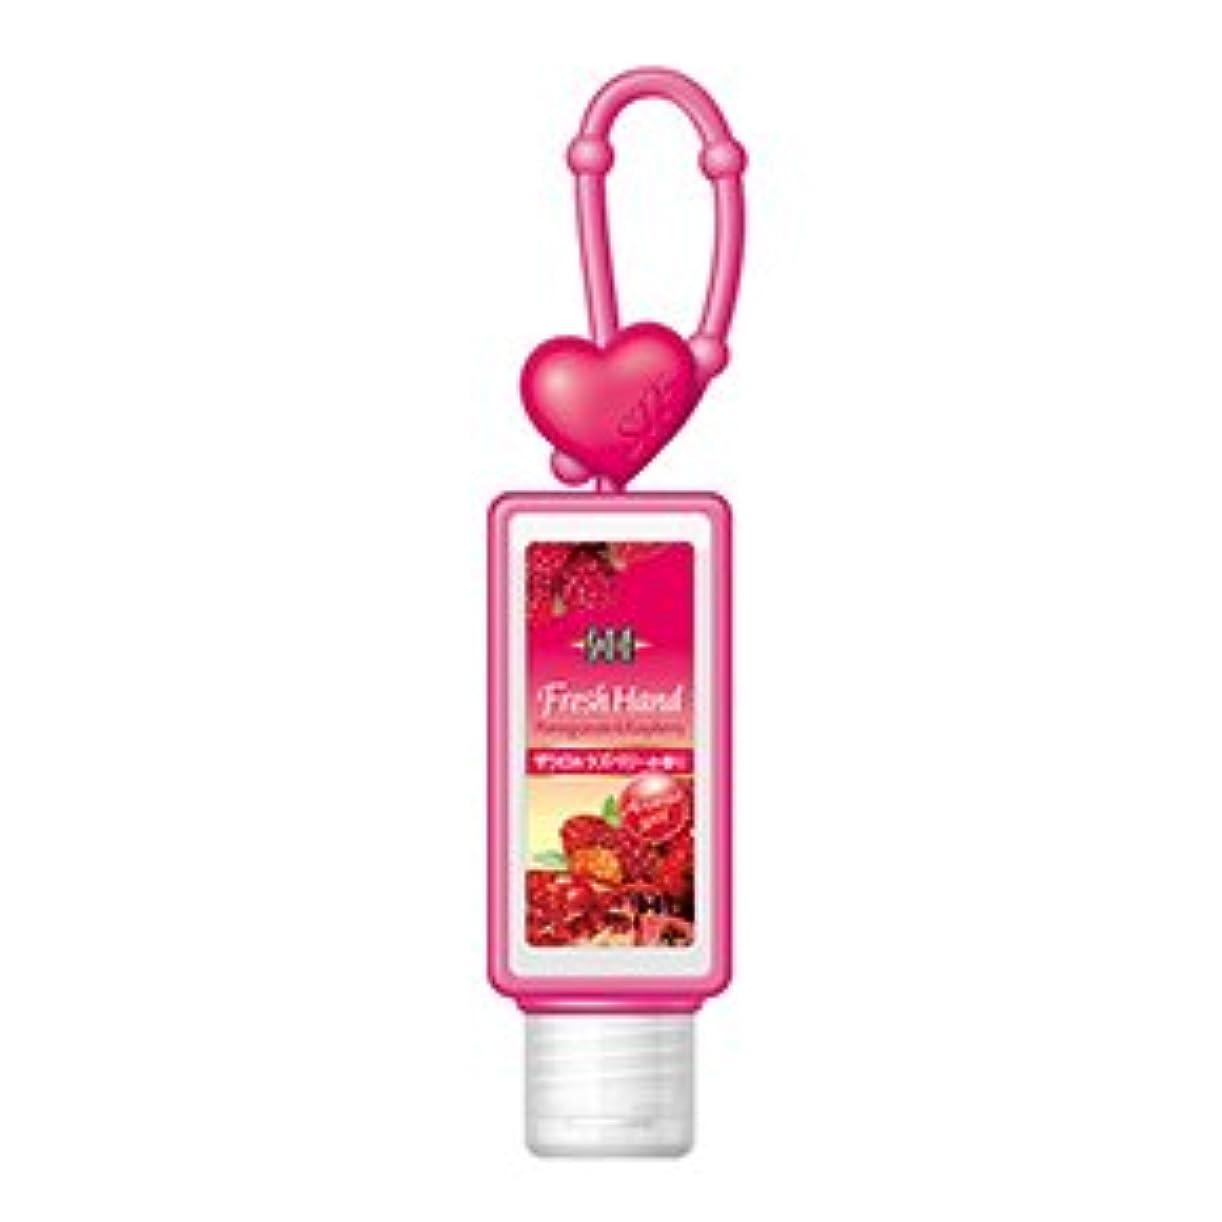 ためらうテラス南アメリカSTF フレッシュハンド ザクロ&ラズベリーの香り 30ml